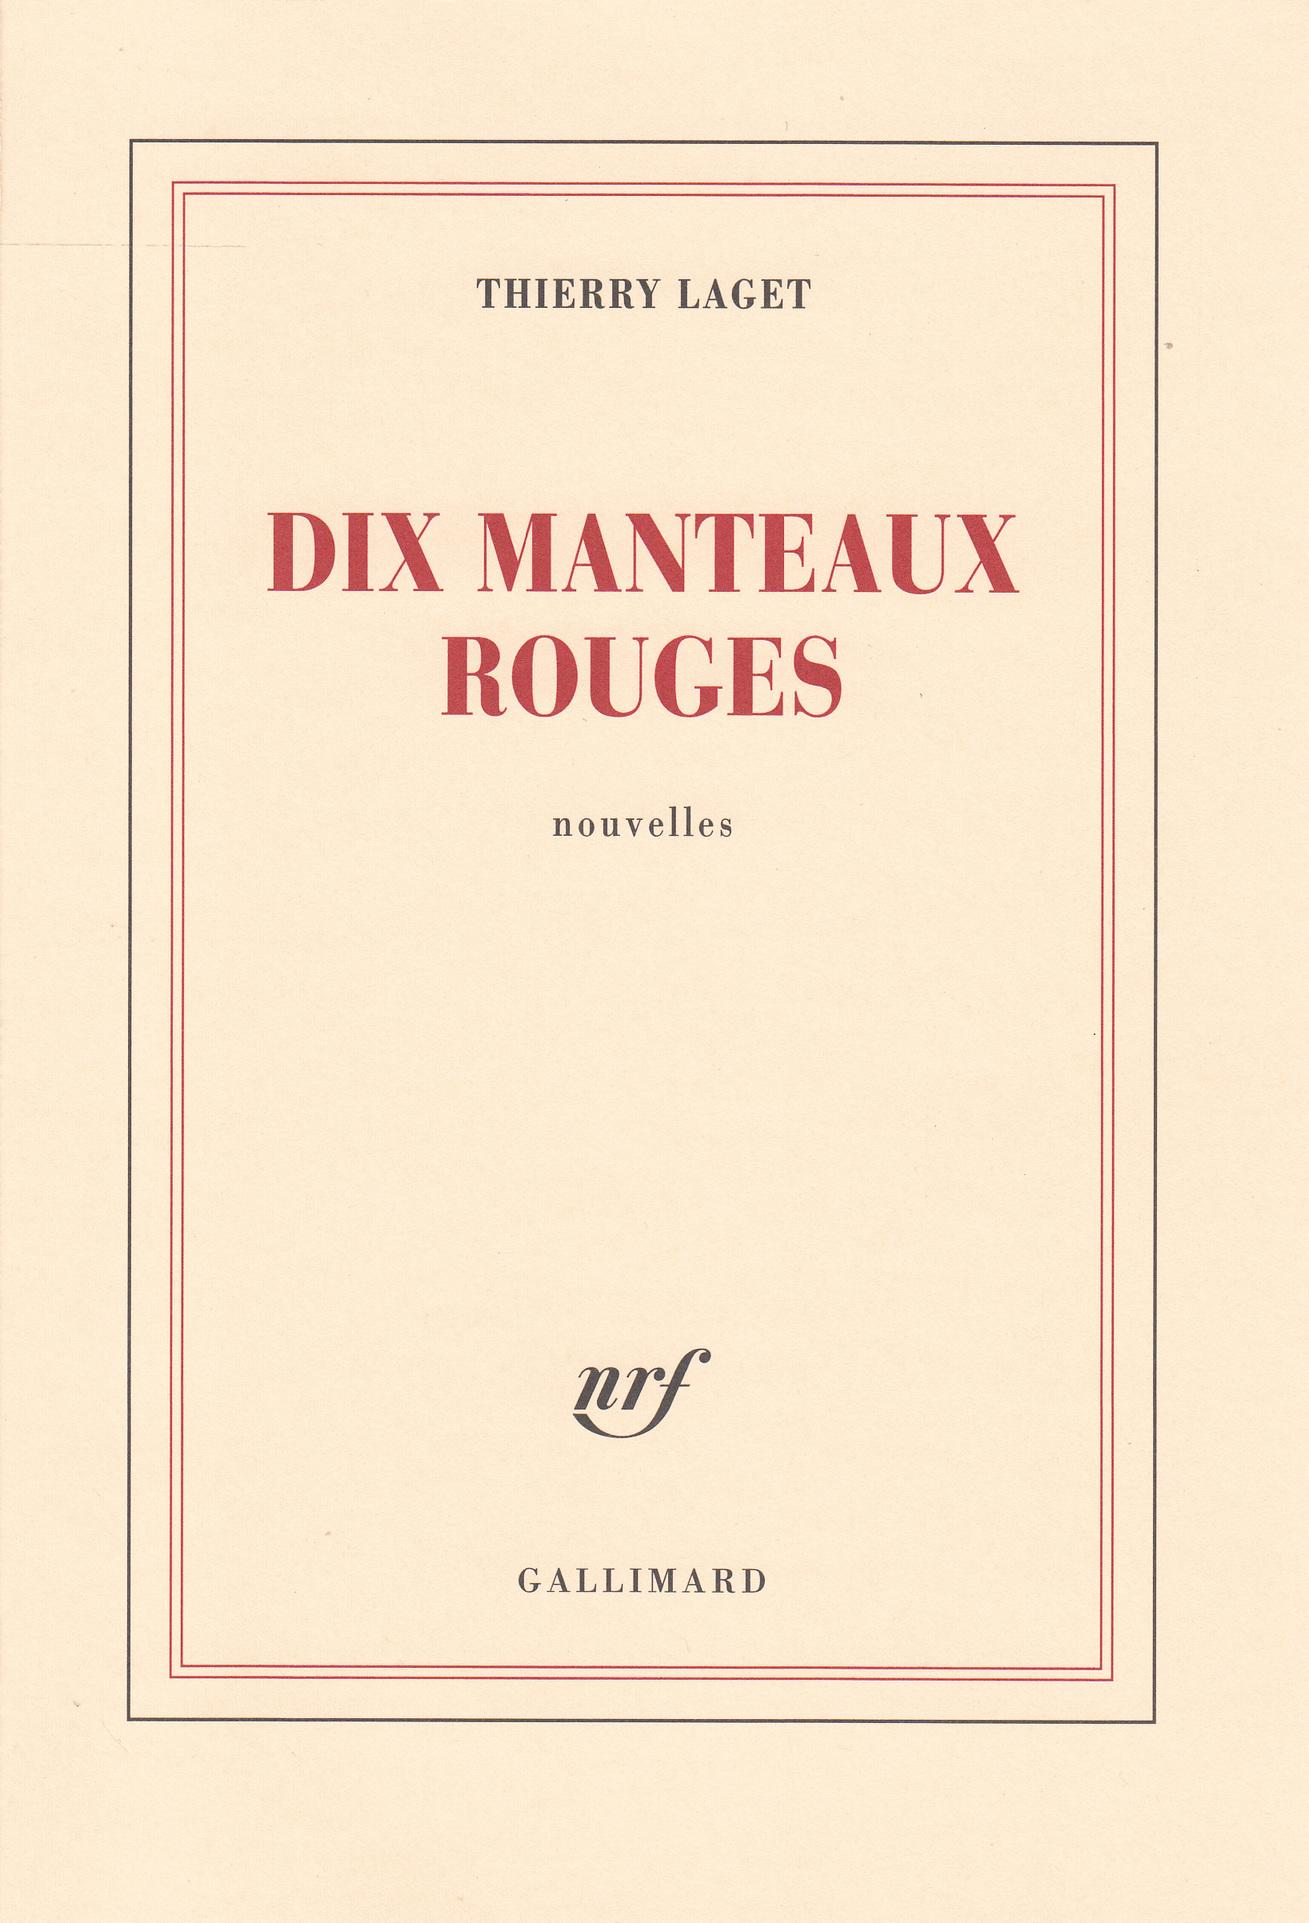 Dix manteaux rouges | Laget, Thierry